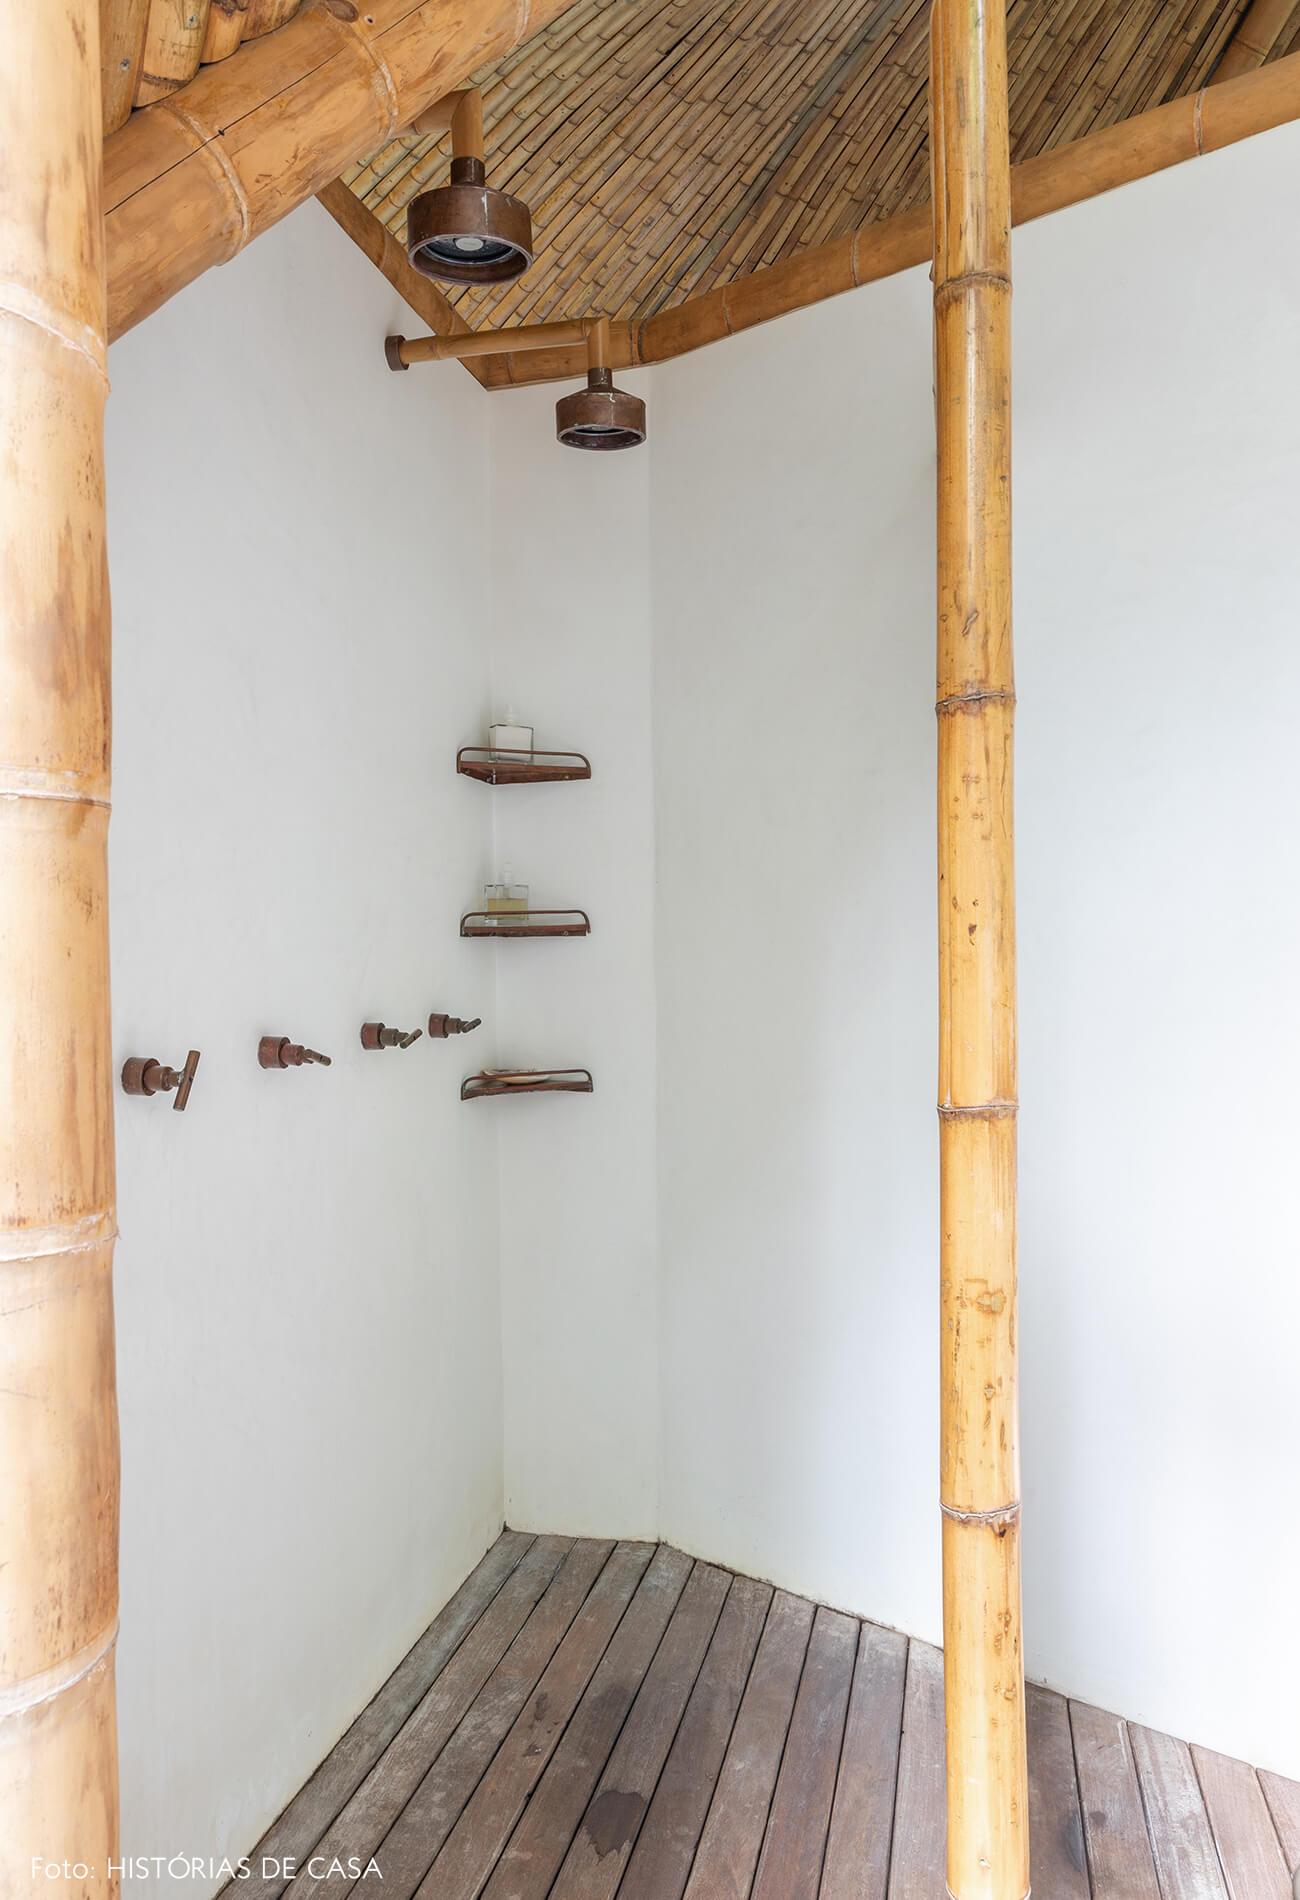 trancoso-vilasete-hotel-decoracao-68-banheiro-chuveiro-bambus-piso-madeira